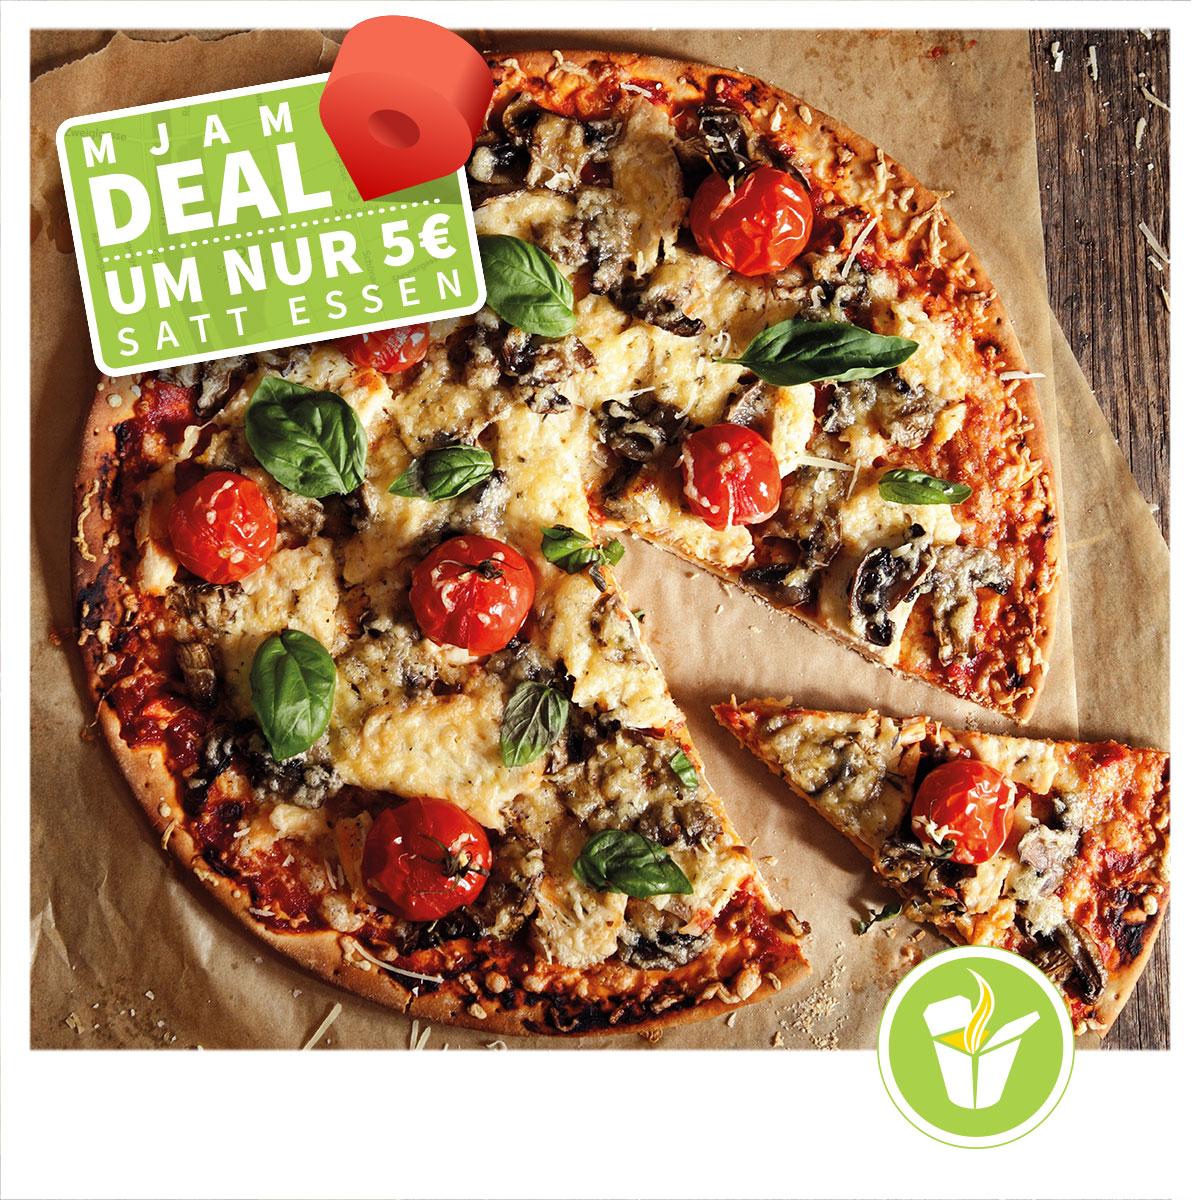 Mjam Deal in STEYR / WIENER NEUSTADT/ KREMS - um nur 5€ satt essen